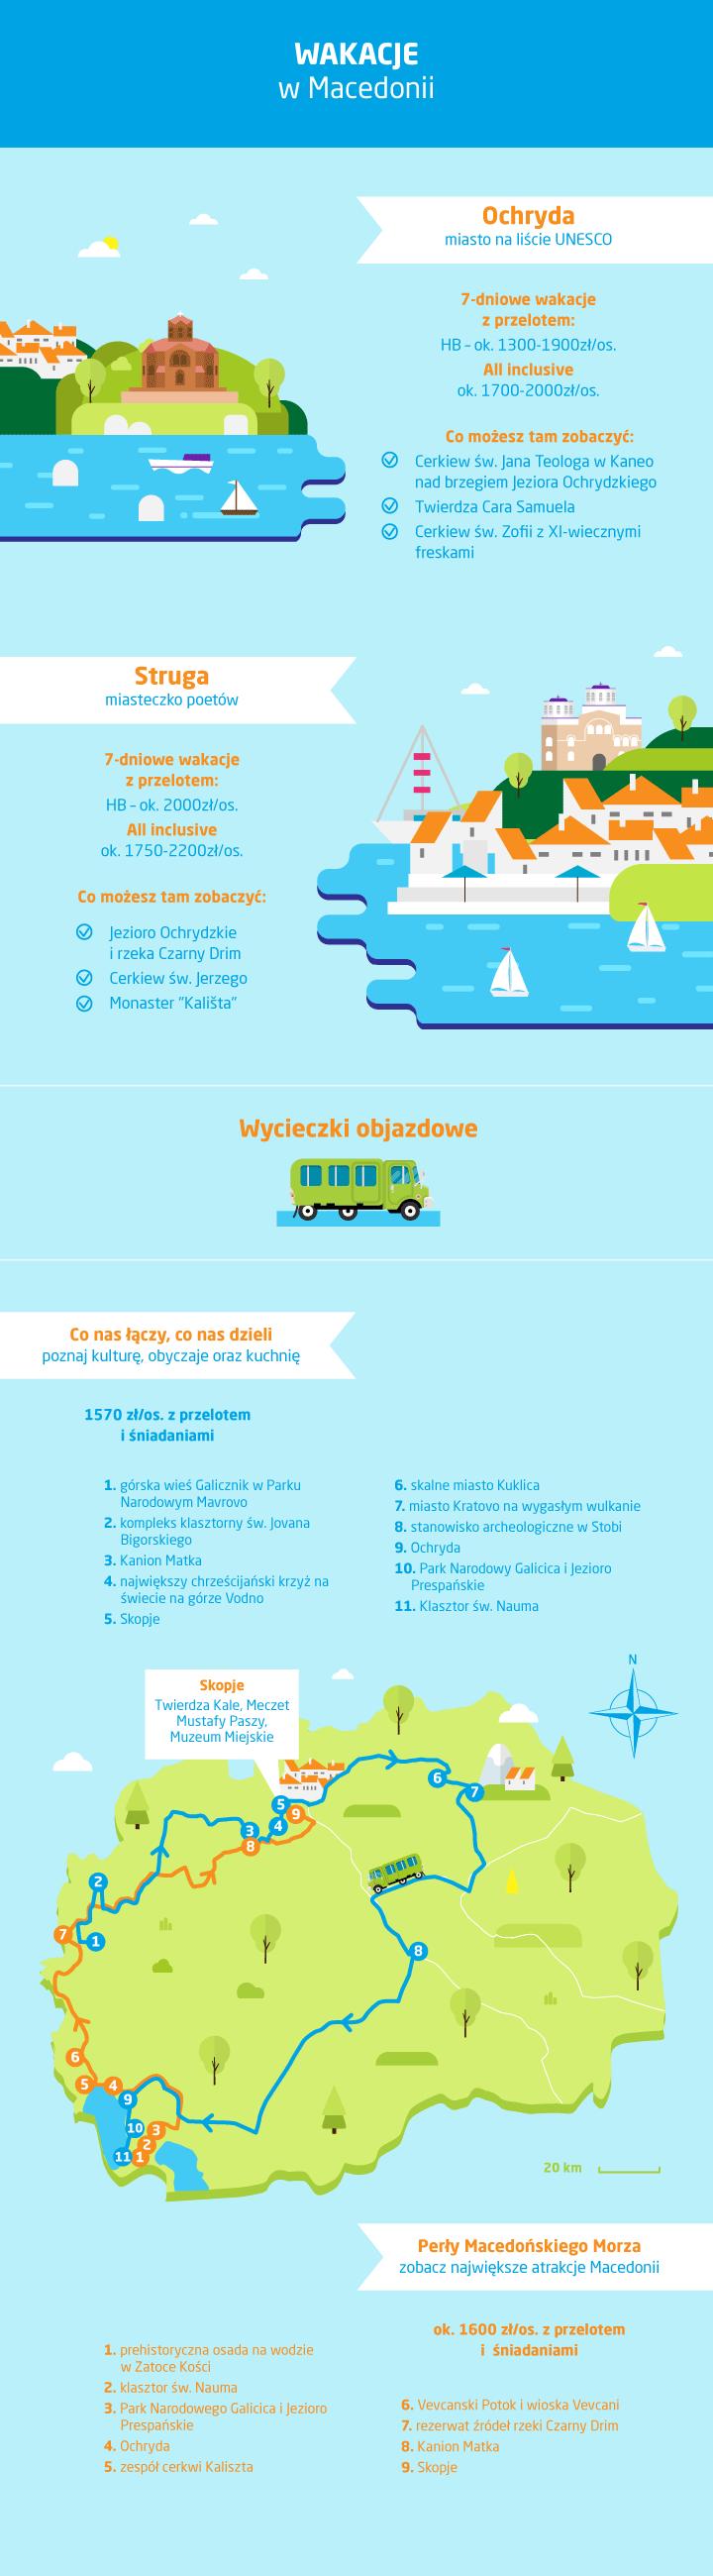 Ceny w Macedonii - koszt wakacji - inografika